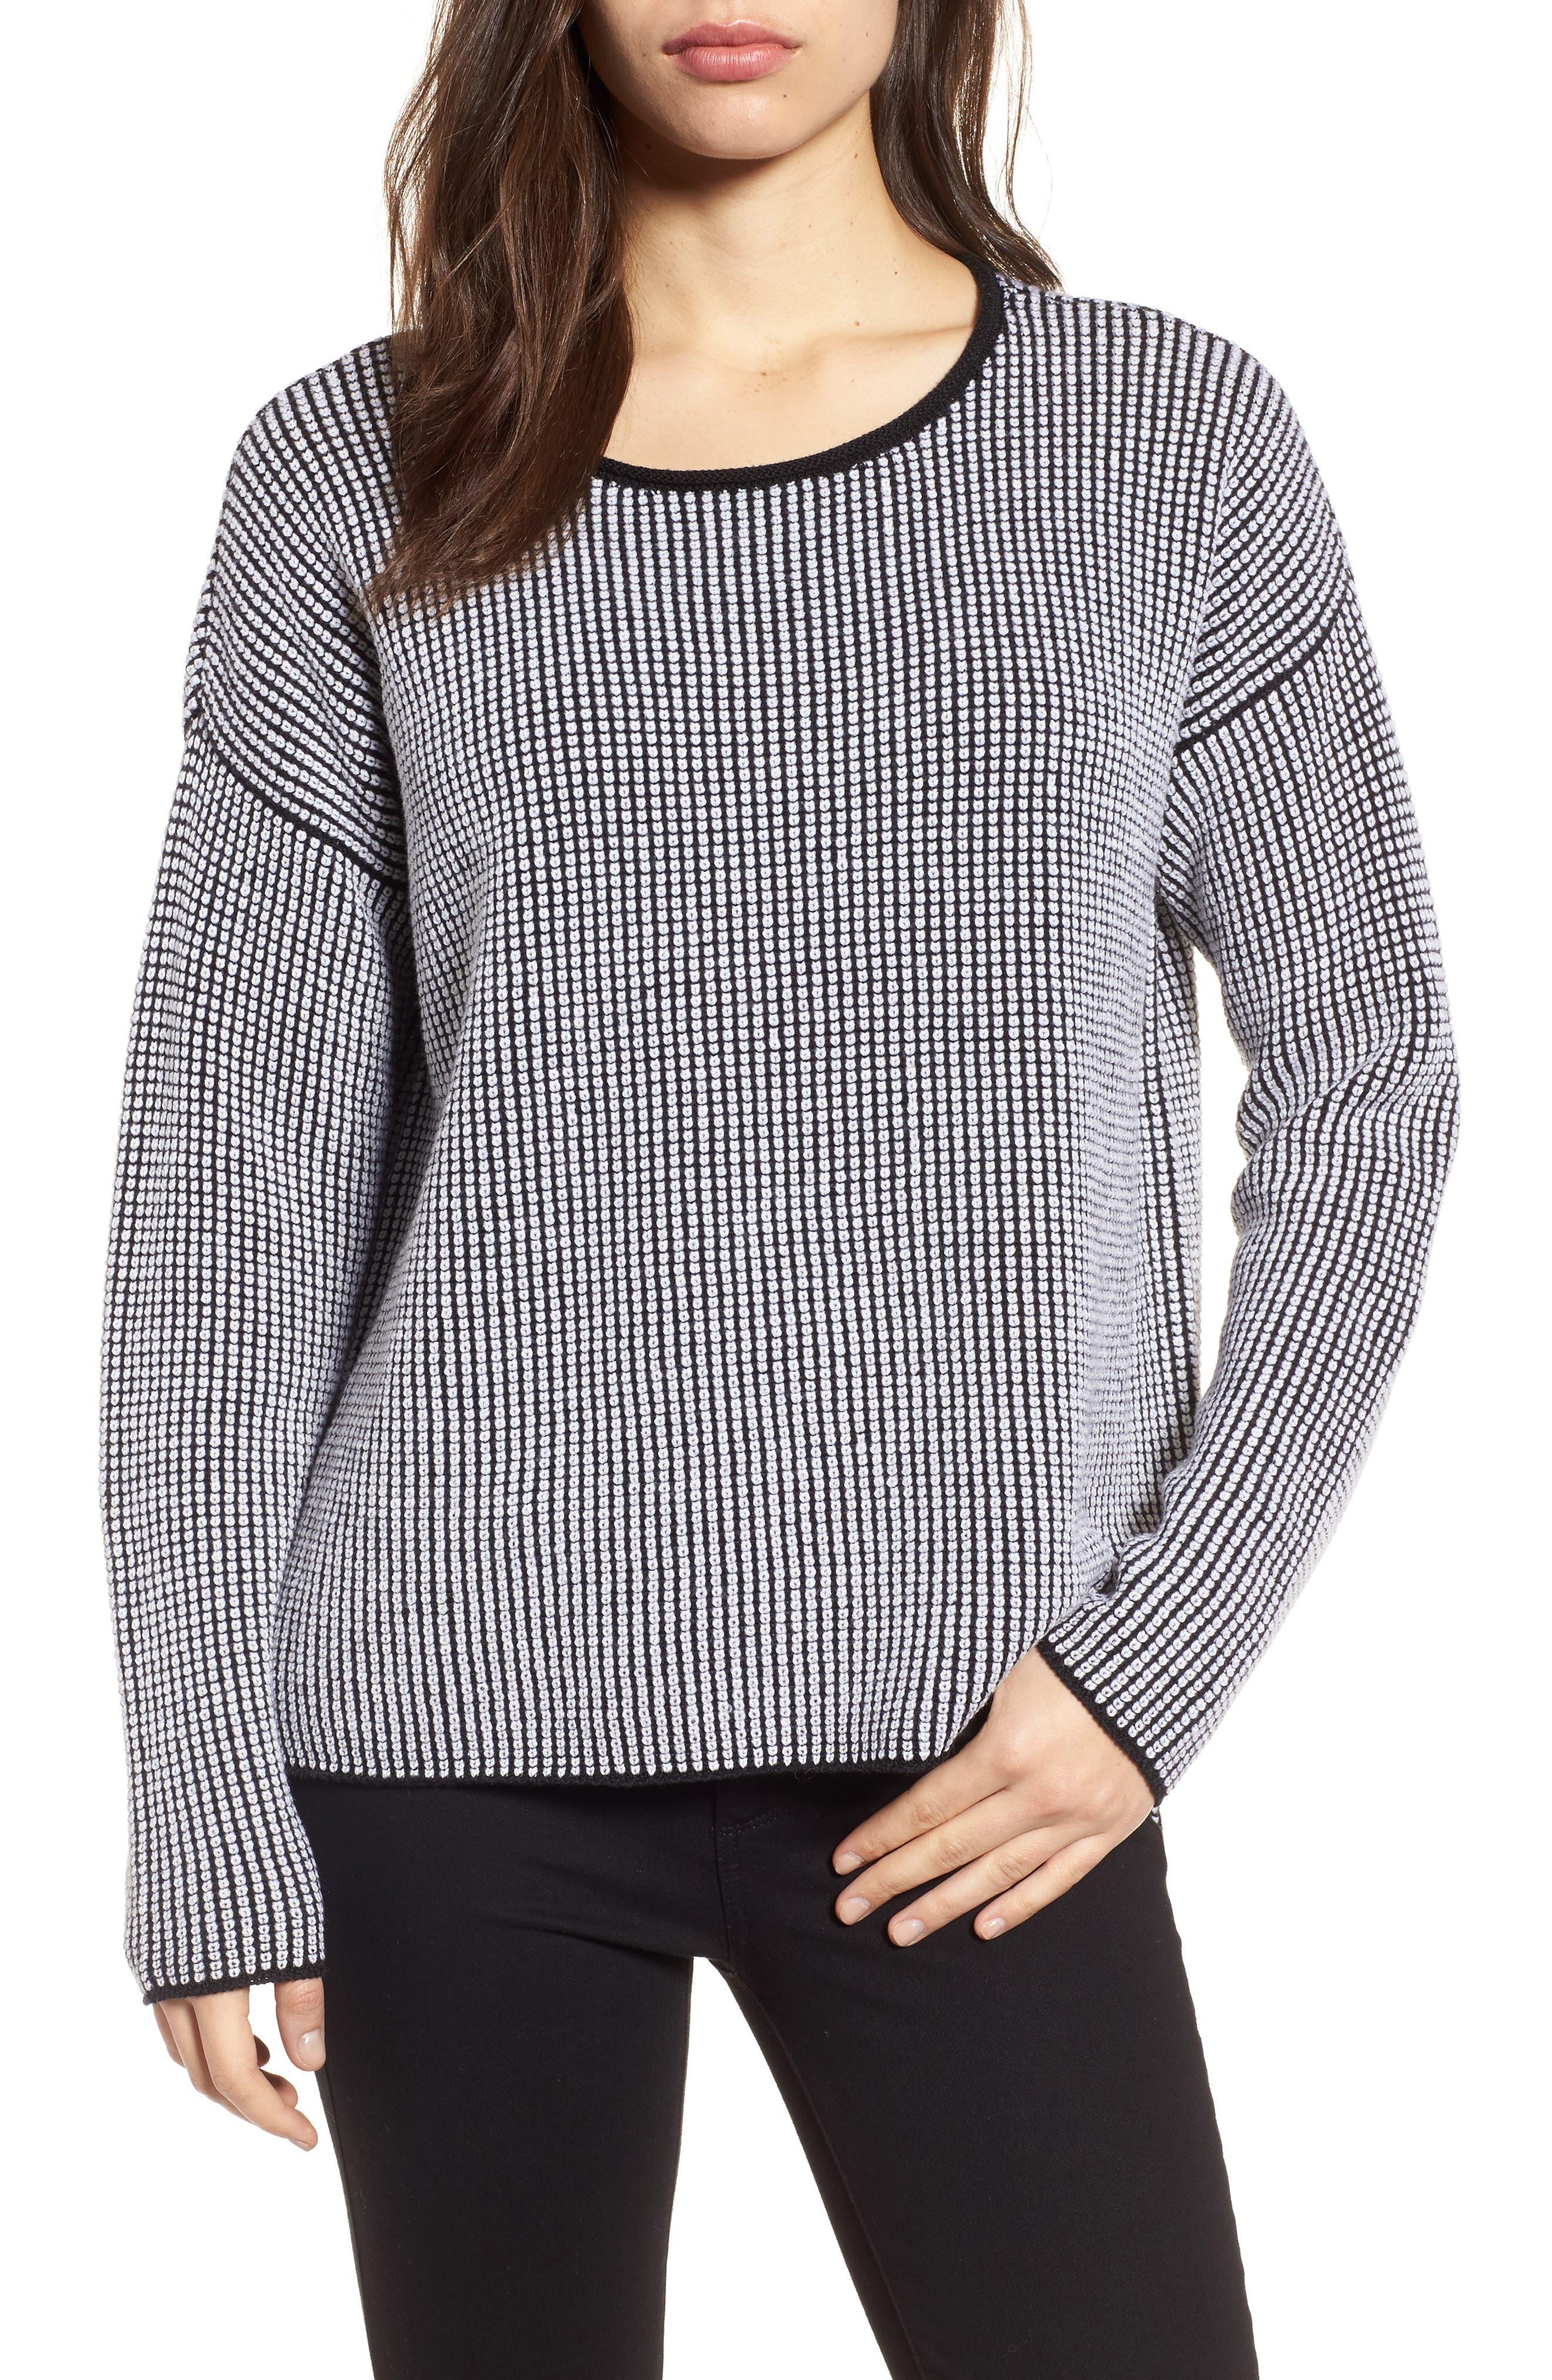 Main Image - Eileen Fisher Textured Merino Wool Sweater